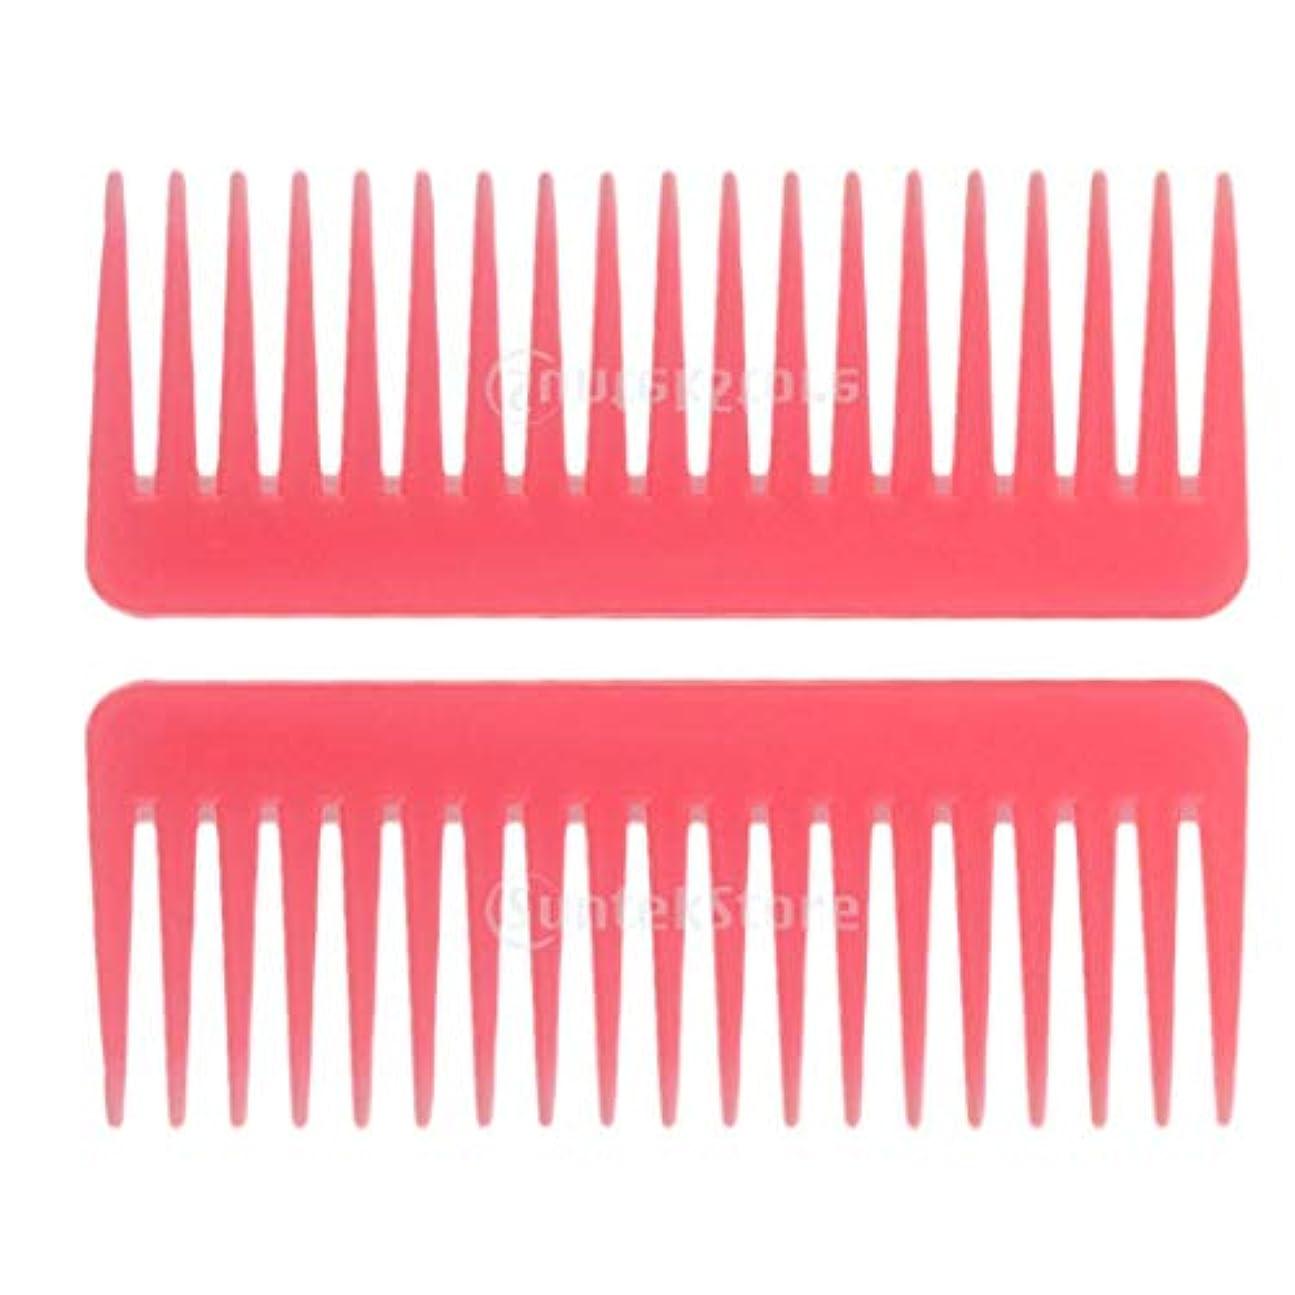 これら変えるテクスチャーヘアブラシ ヘアコーム 静電気防止櫛 広い歯コーム マッサージ サロン 理髪店 ツール 2個セット